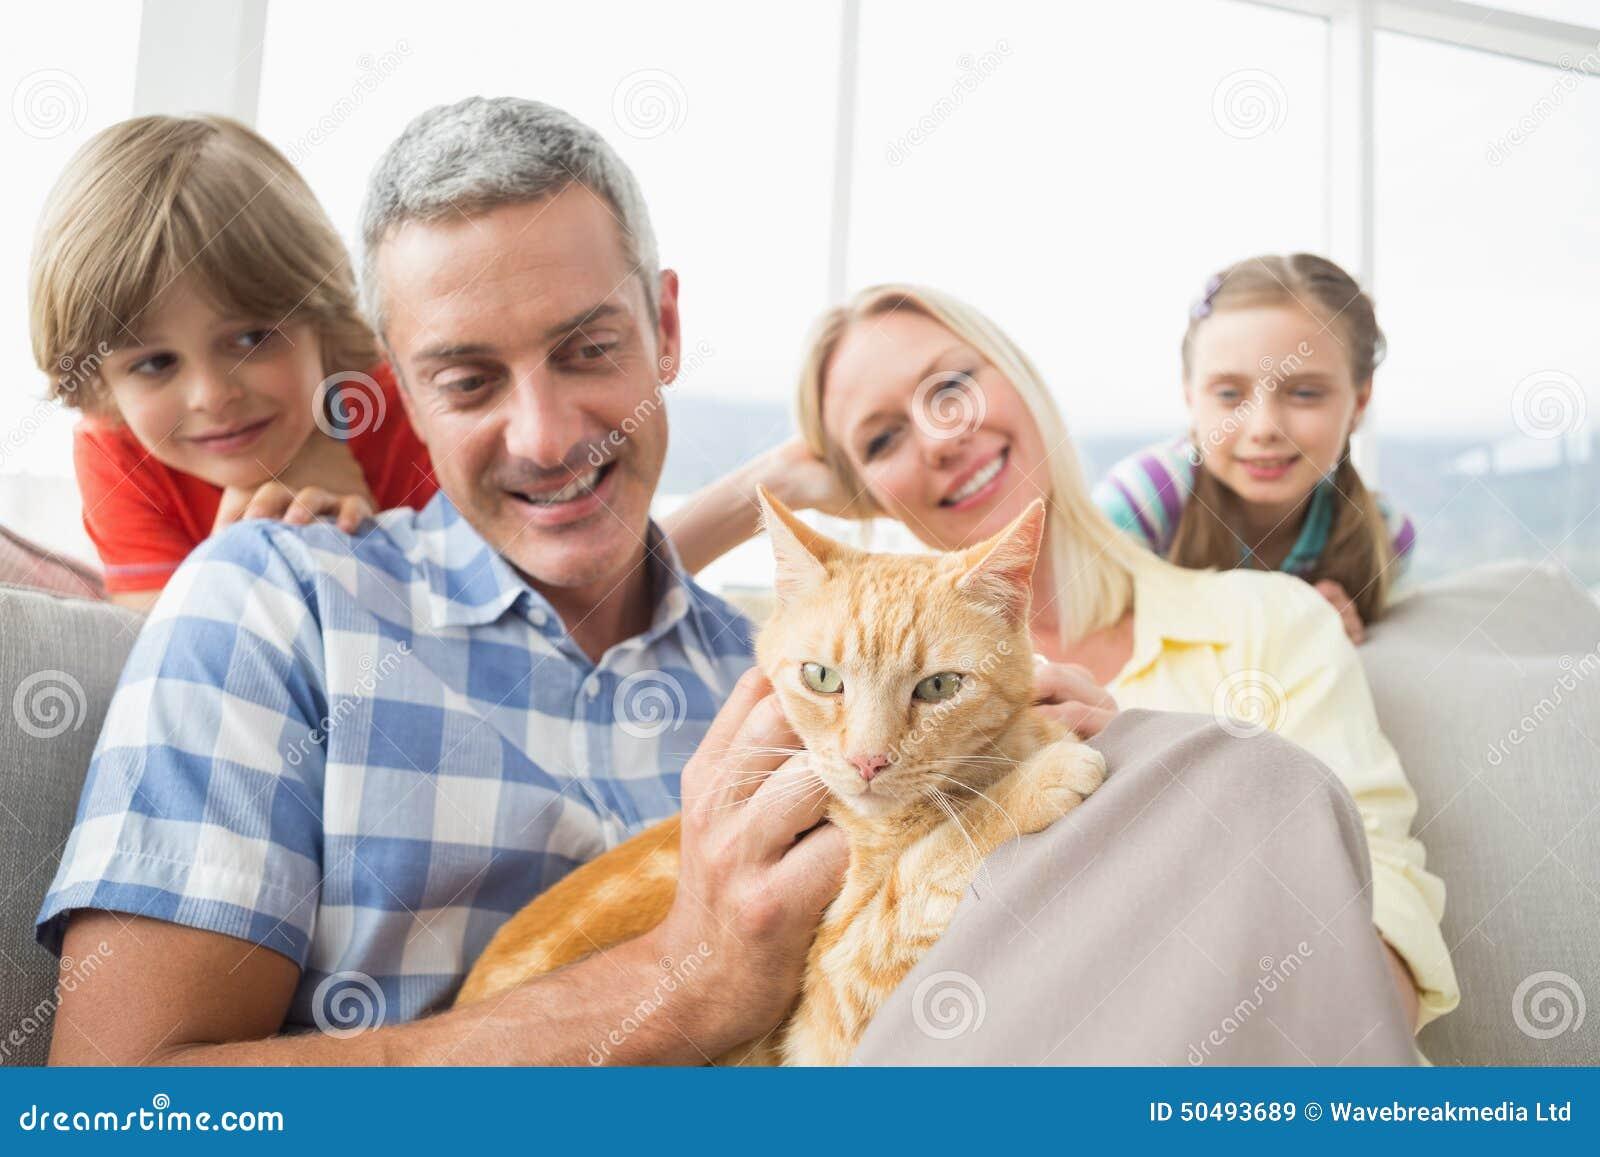 Οικογενειακή συνεδρίαση με τη γάτα στον καναπέ στο σπίτι